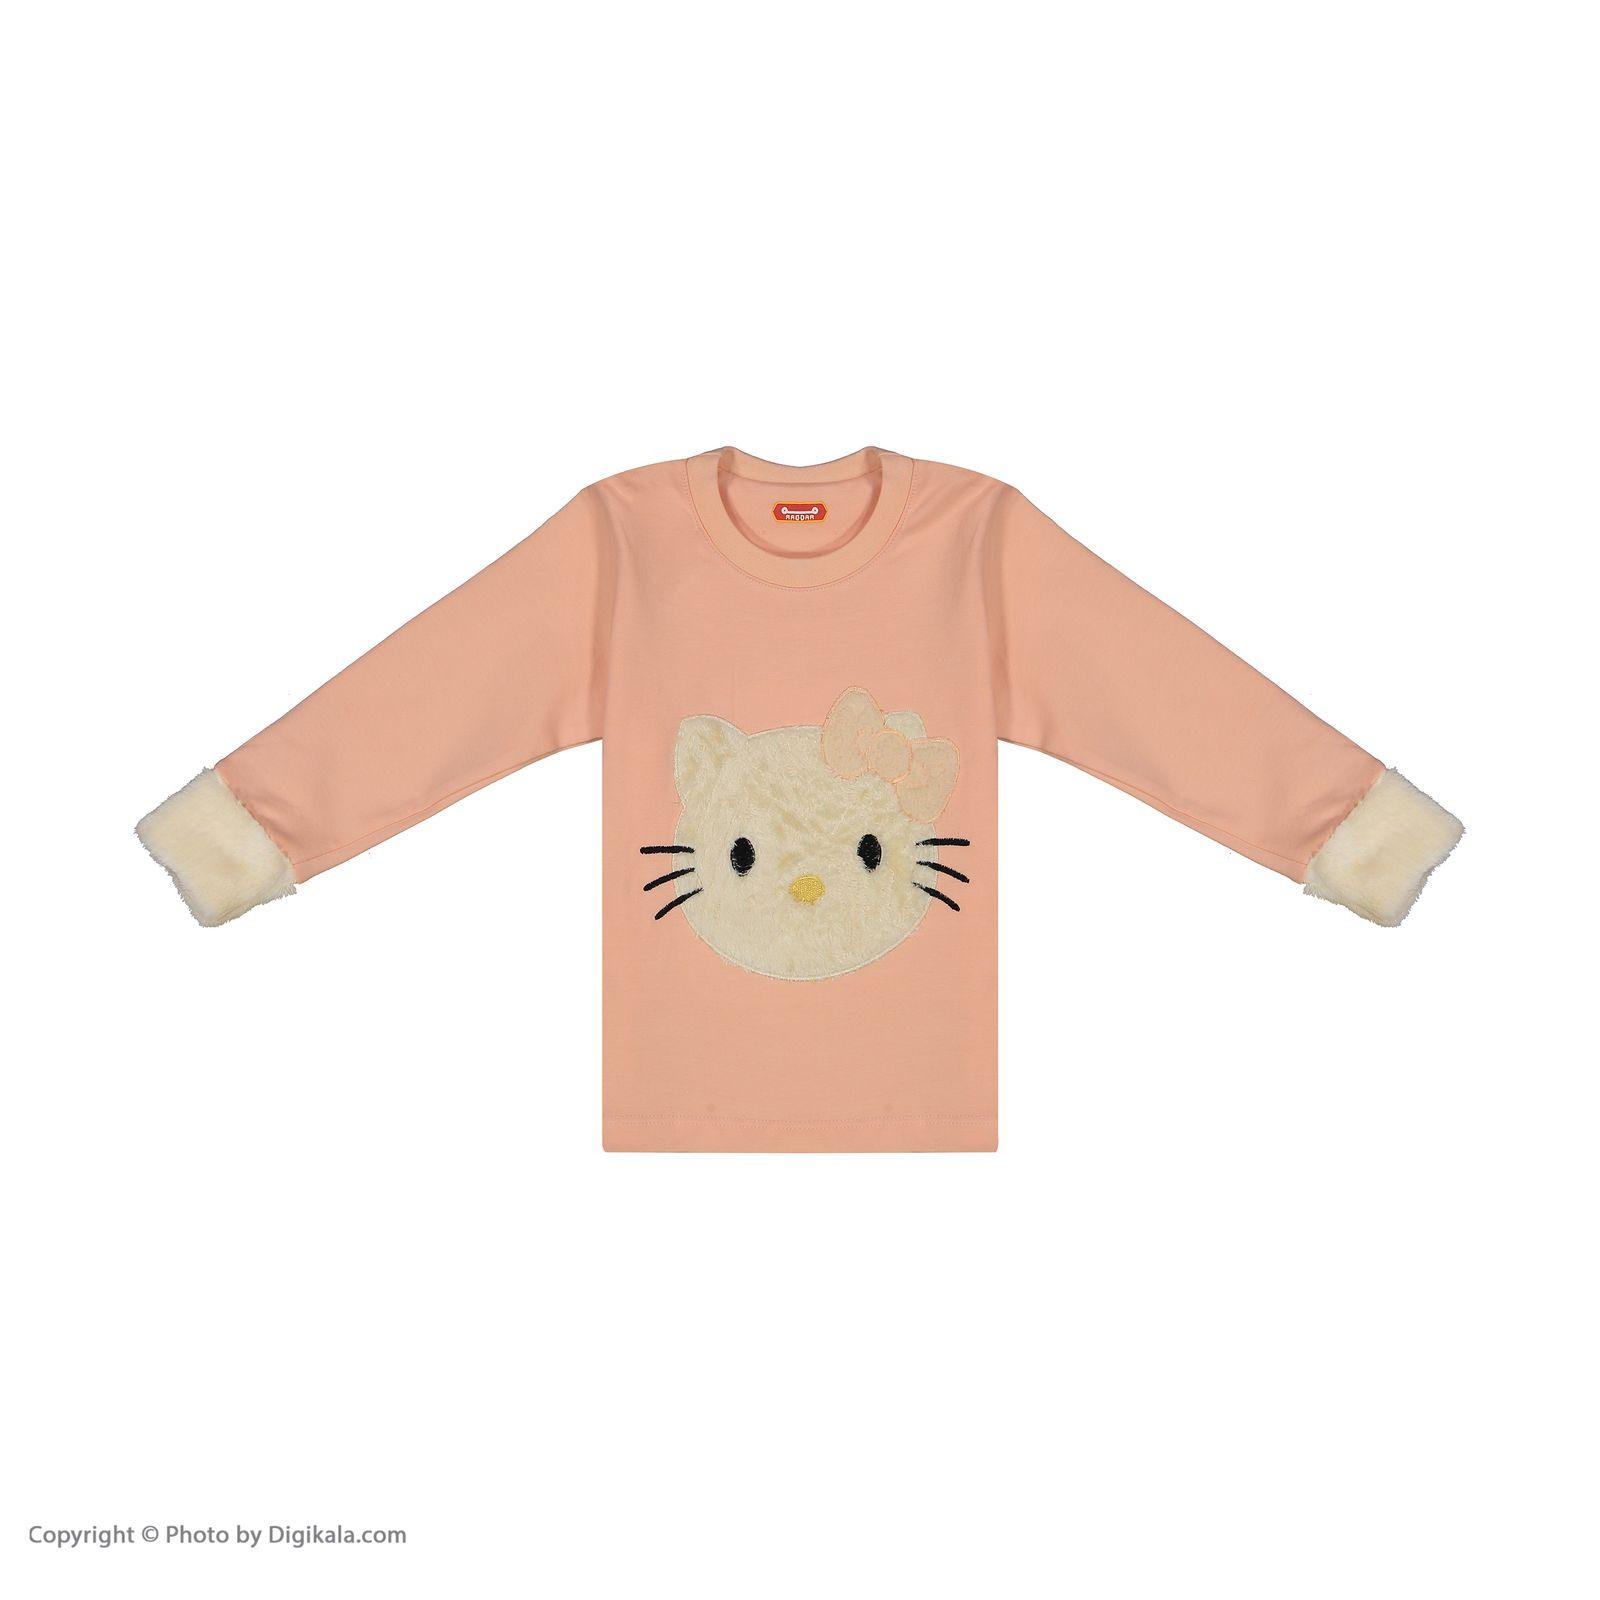 ست تی شرت و شلوار دخترانه مادر مدل 312-80 main 1 2